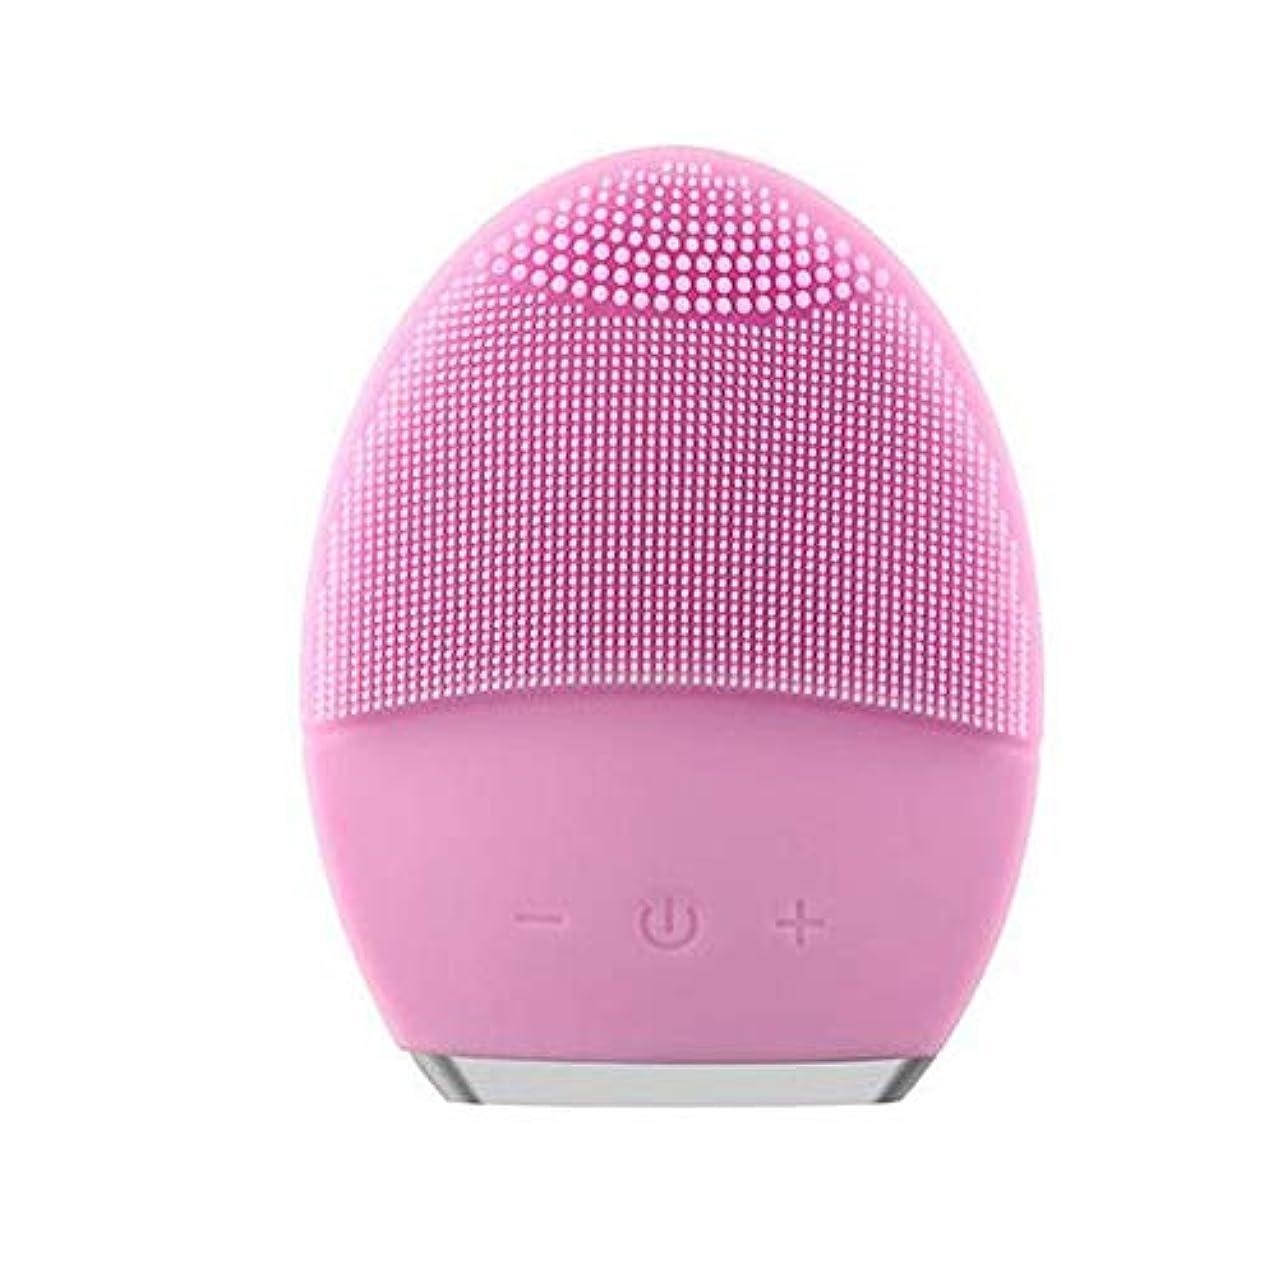 一時的ウール似ているJMY ブラシを洗うクレンジング器、ソニックシリコーン電気、防水女性の十代の少女メイクアップフェイスウォッシュ(ピンク)